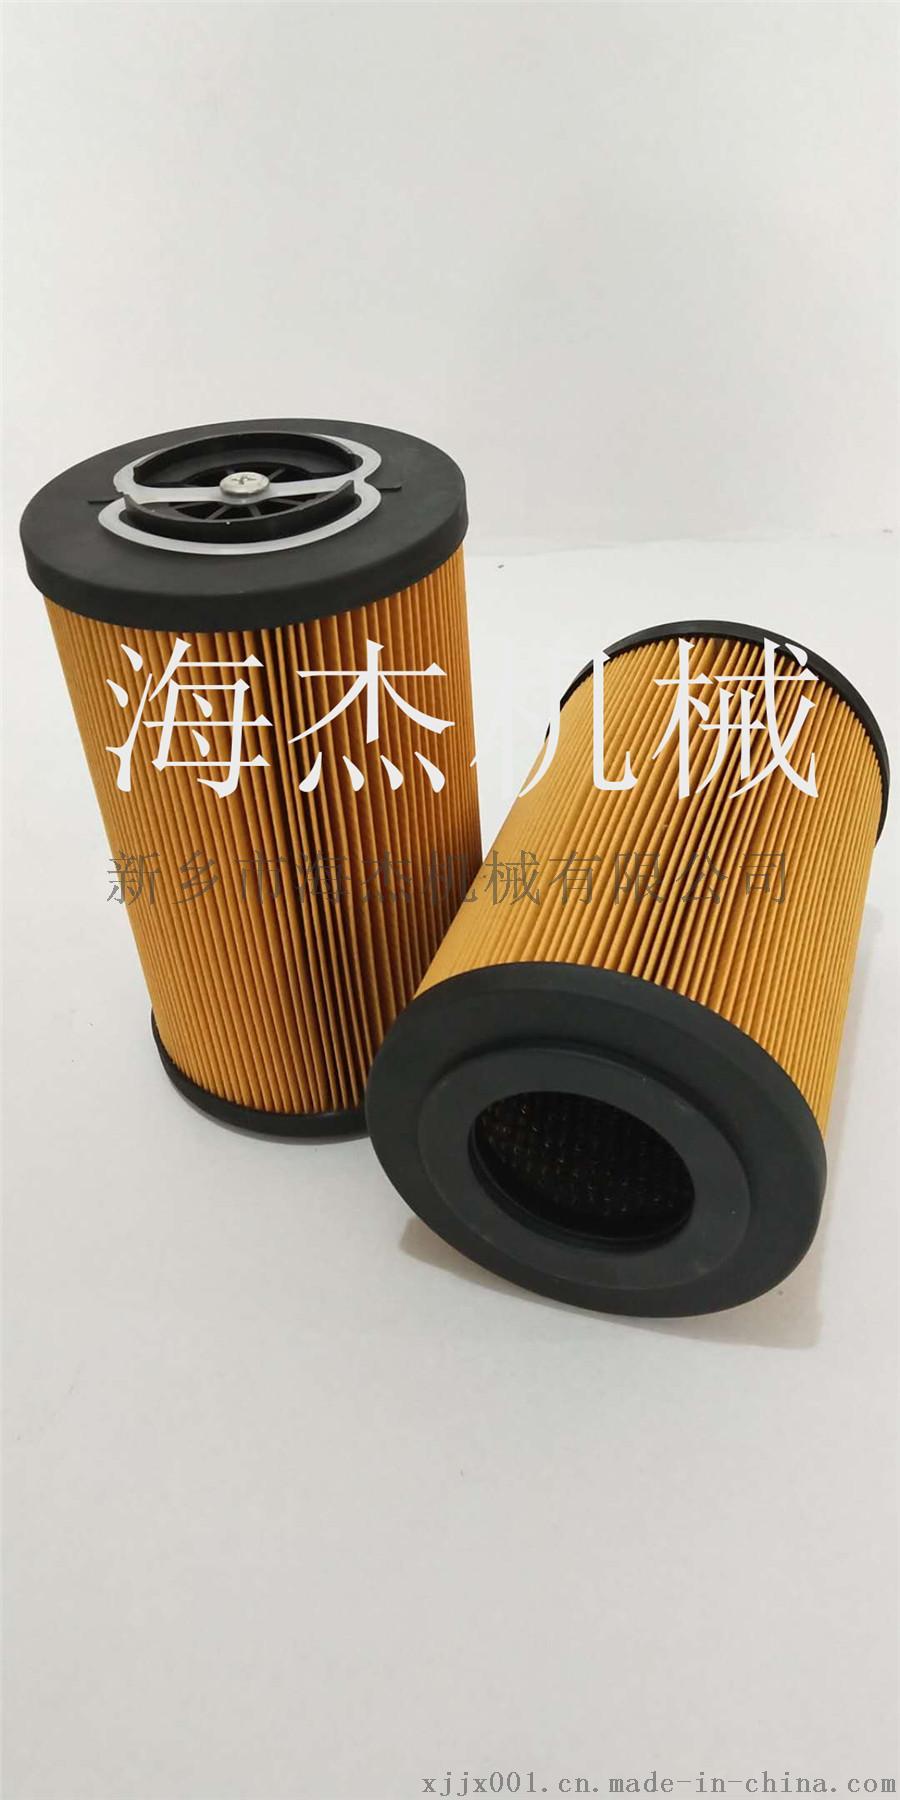 翡翠HP3203P03AN工作濾芯現貨出售738821202